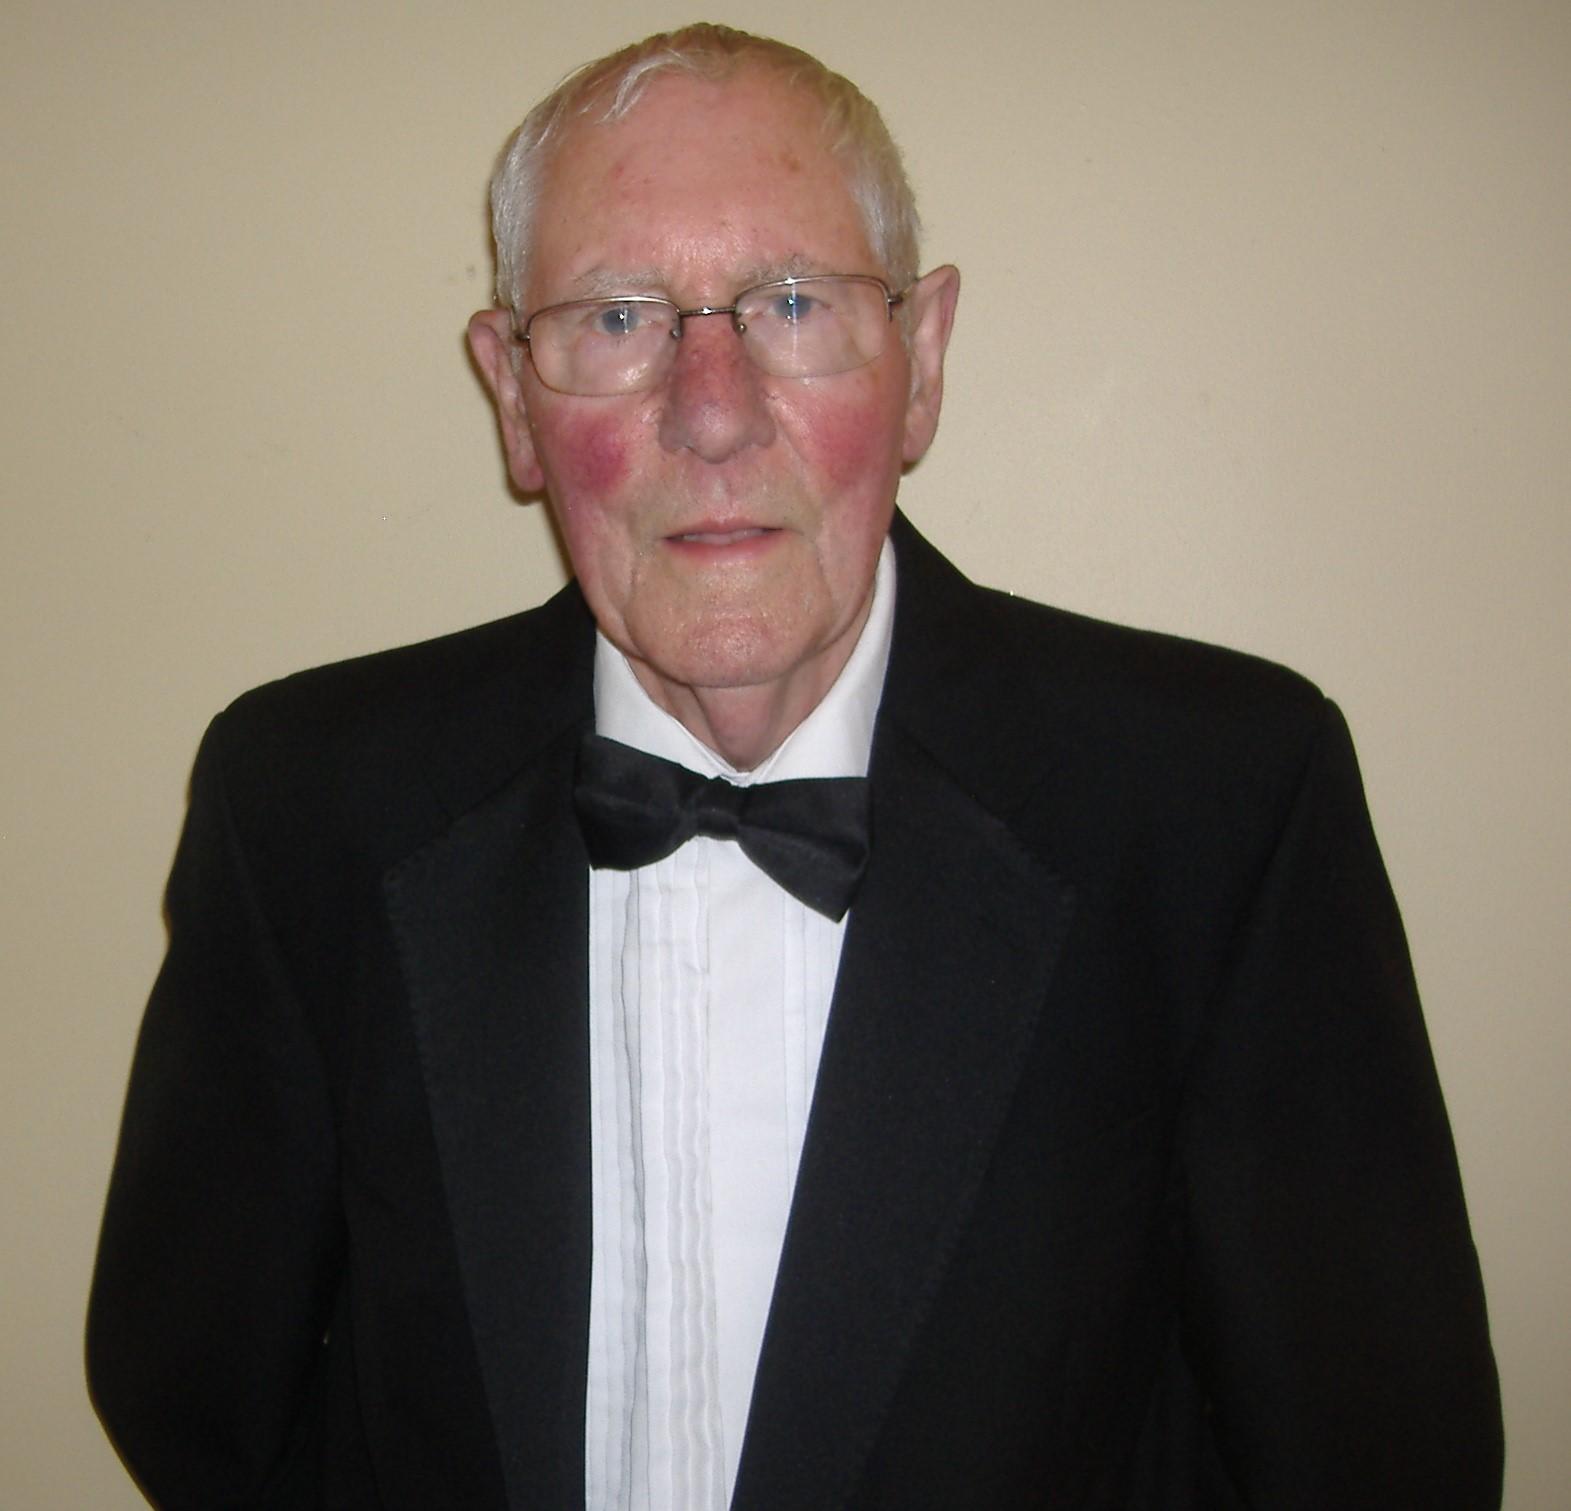 John Sinfield FIConstM